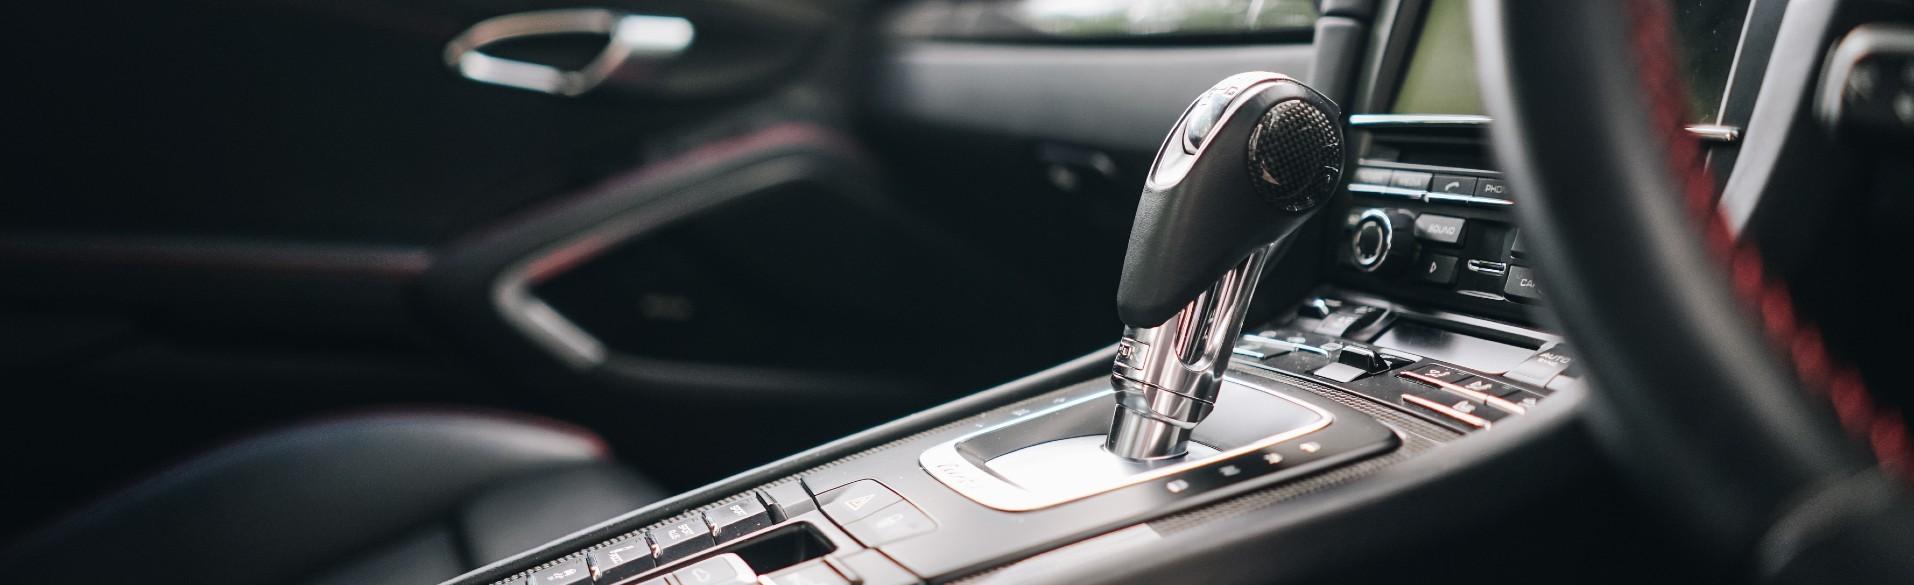 Porsche Interior (1)